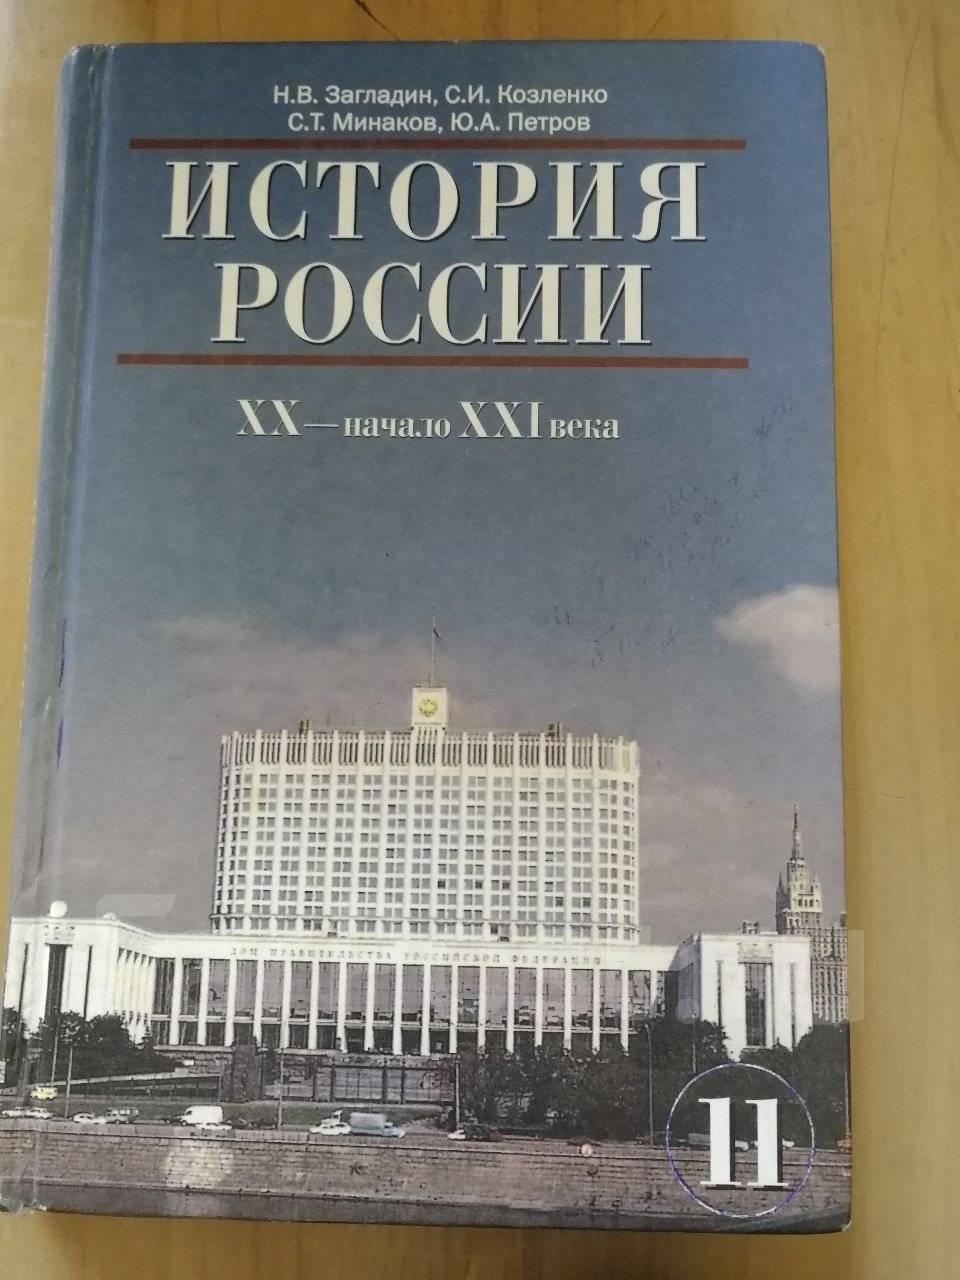 istoriya-otechestva-lektsii-10-11-klass-zagladin-kozlenko-gdz